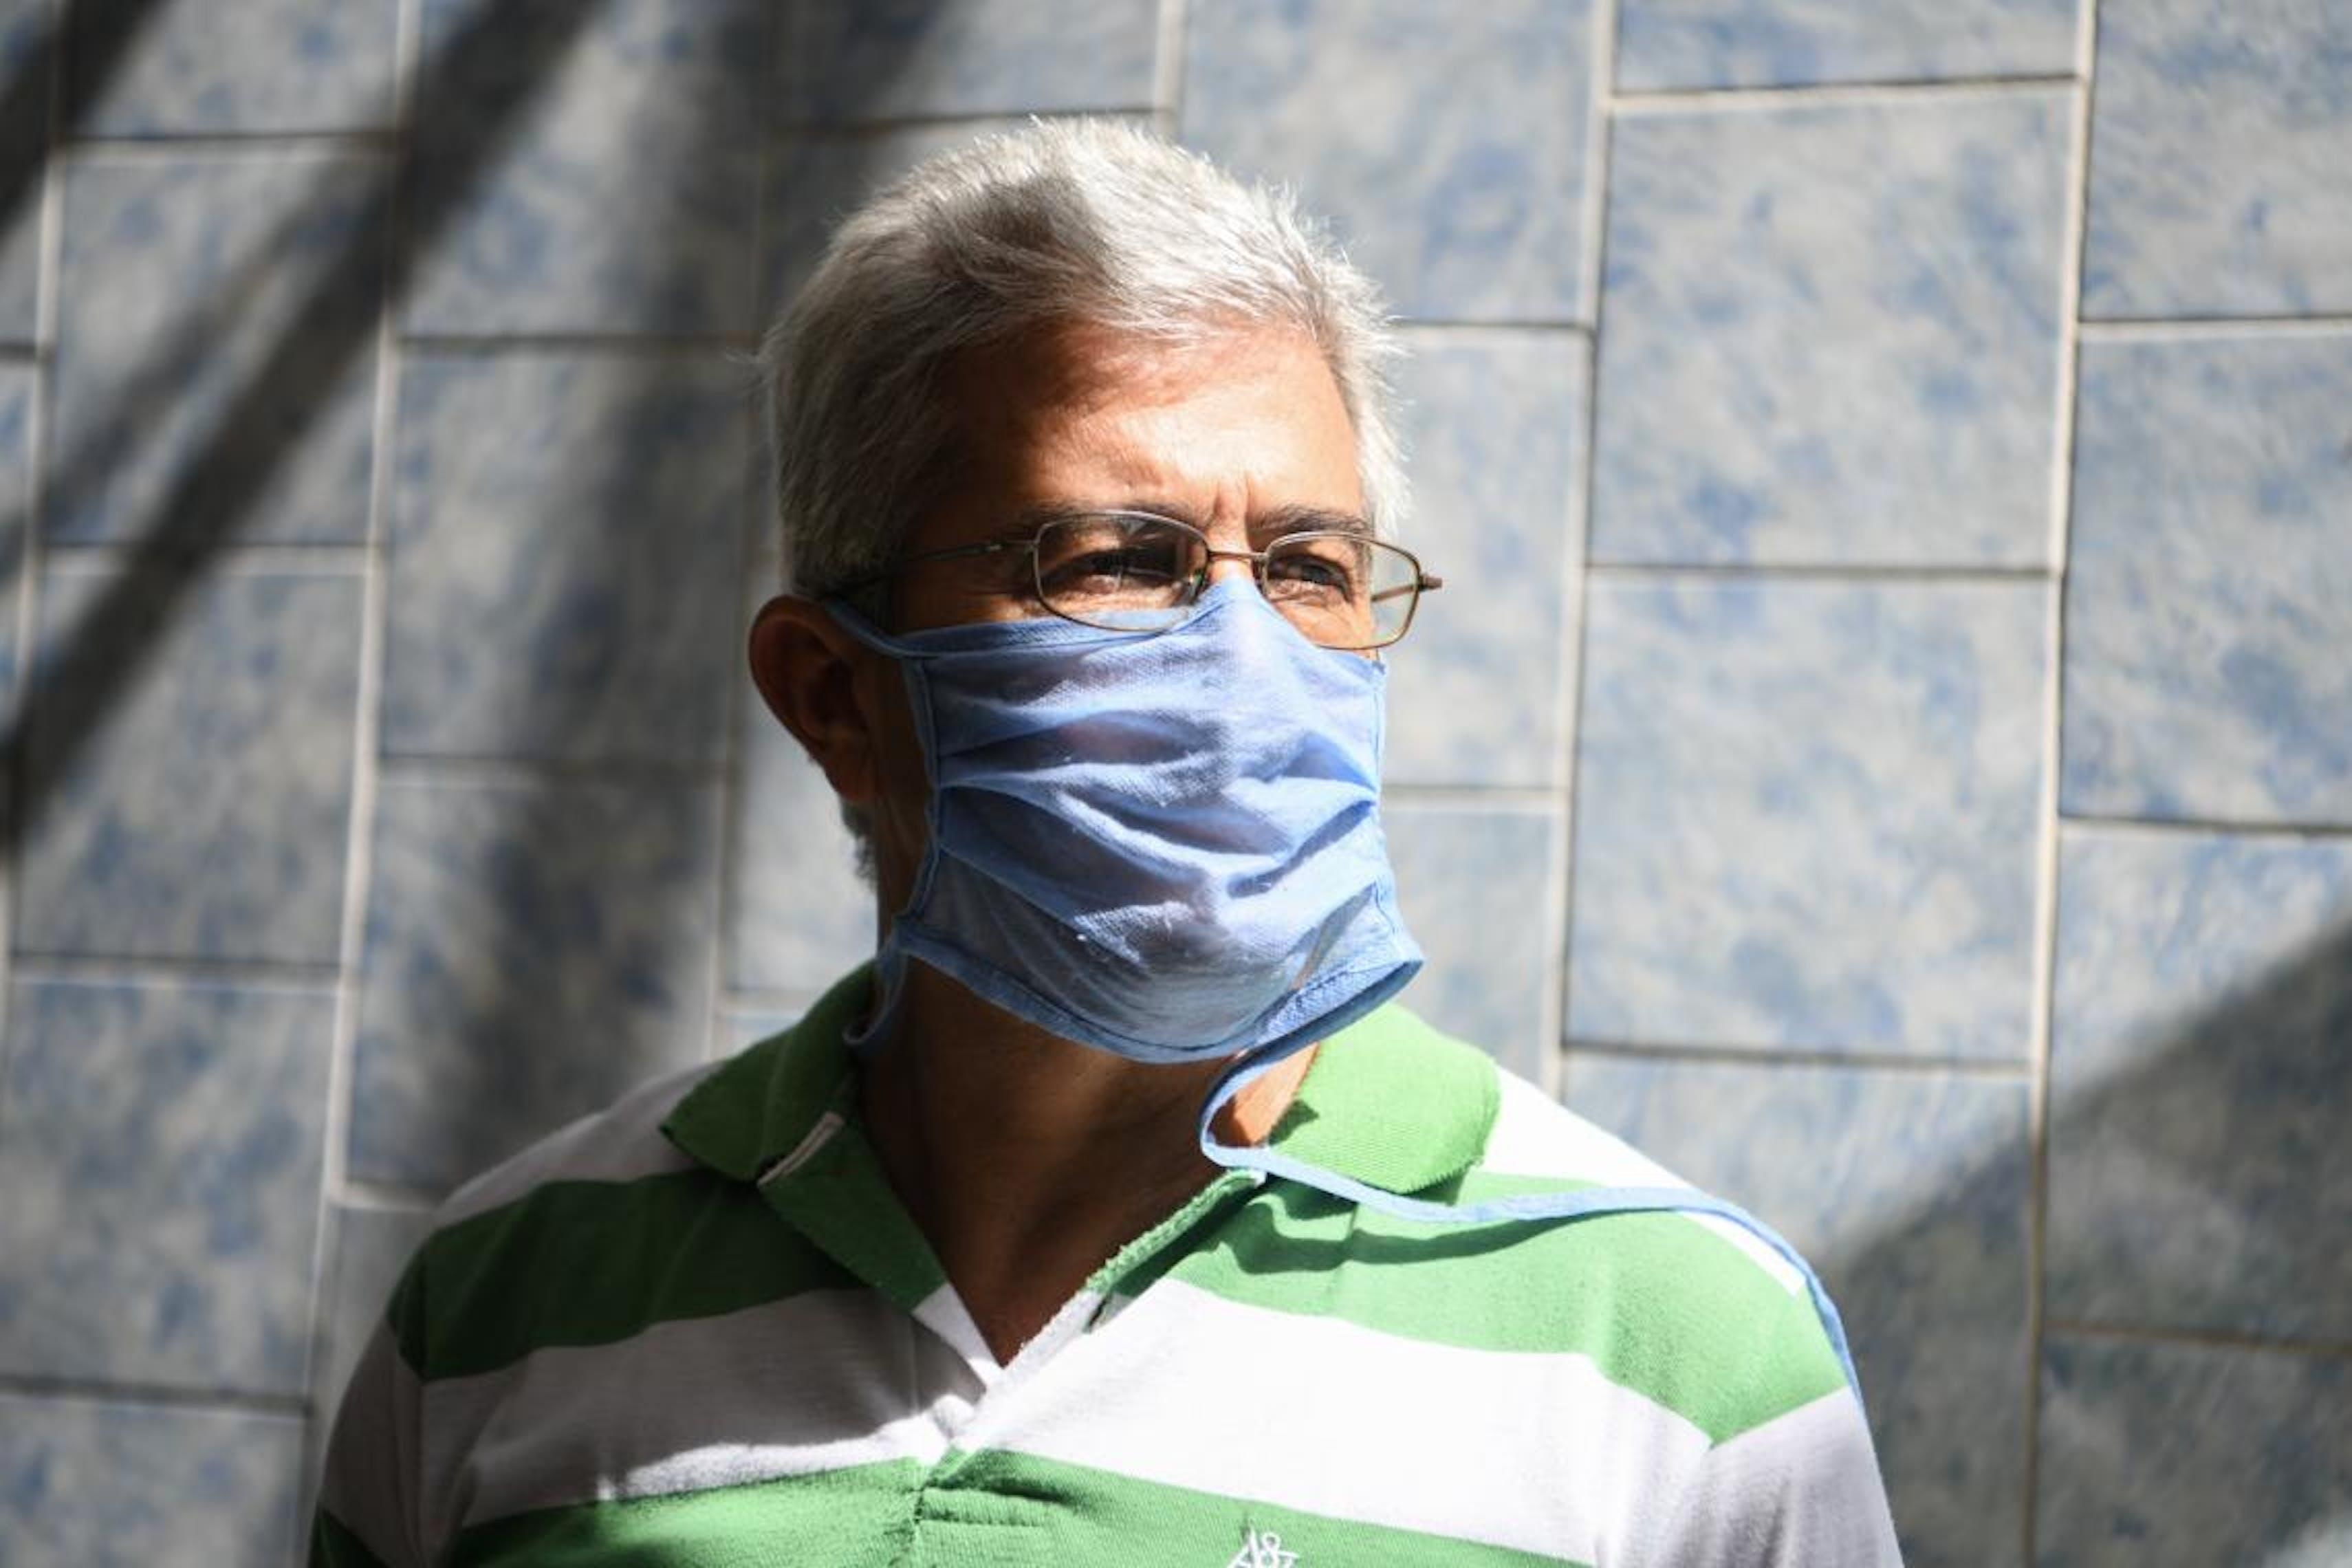 Miguel, insegnante in una scuola di Guatire, Caracas, ha provato ad adeguare il proprio insegnamento alla pandemia